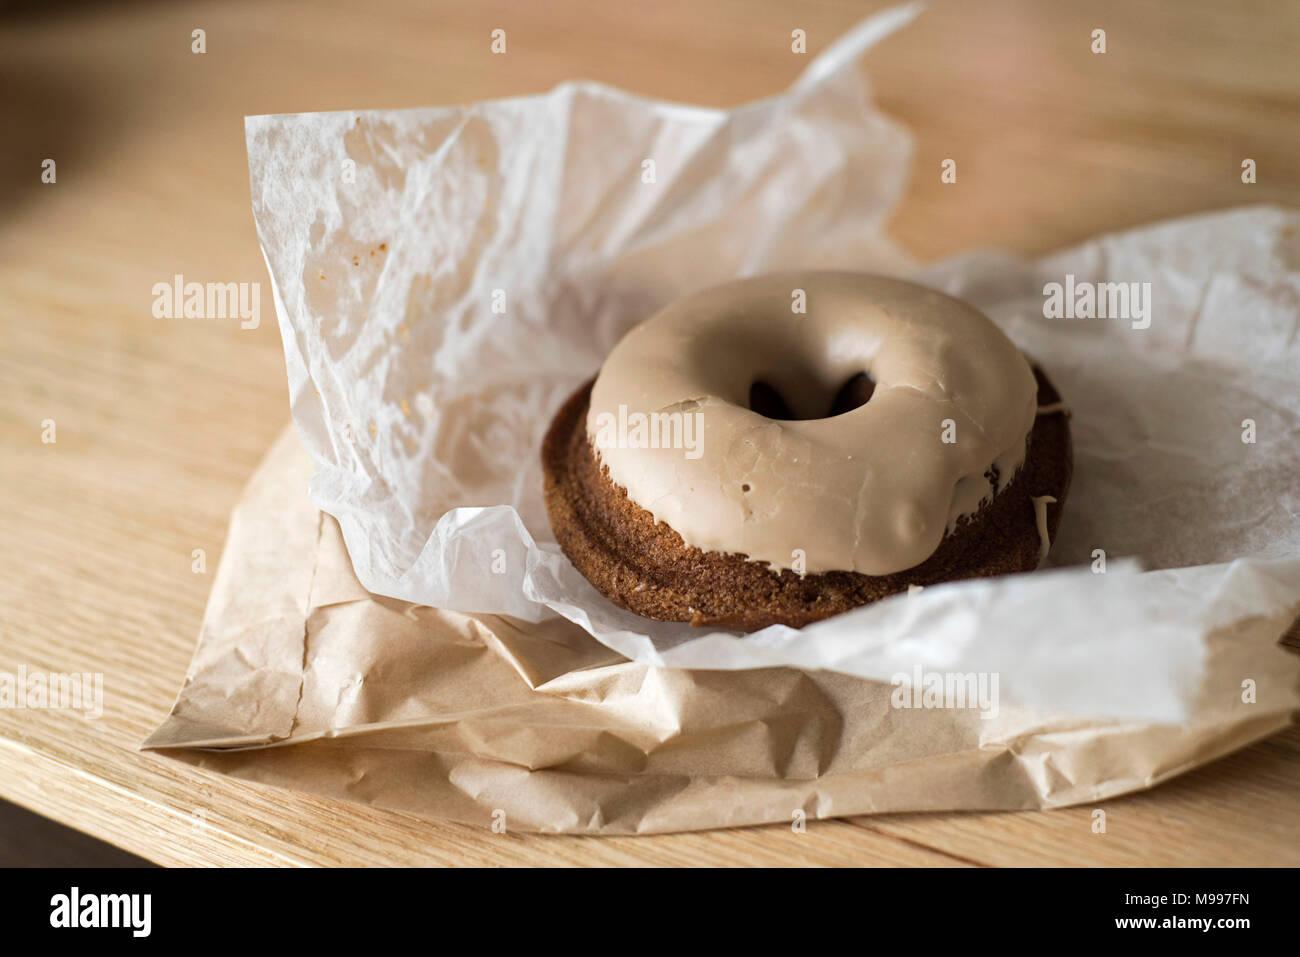 Prêt à manger des beignets sans gluten sur le papier parchemin et sac en papier brun Photo Stock